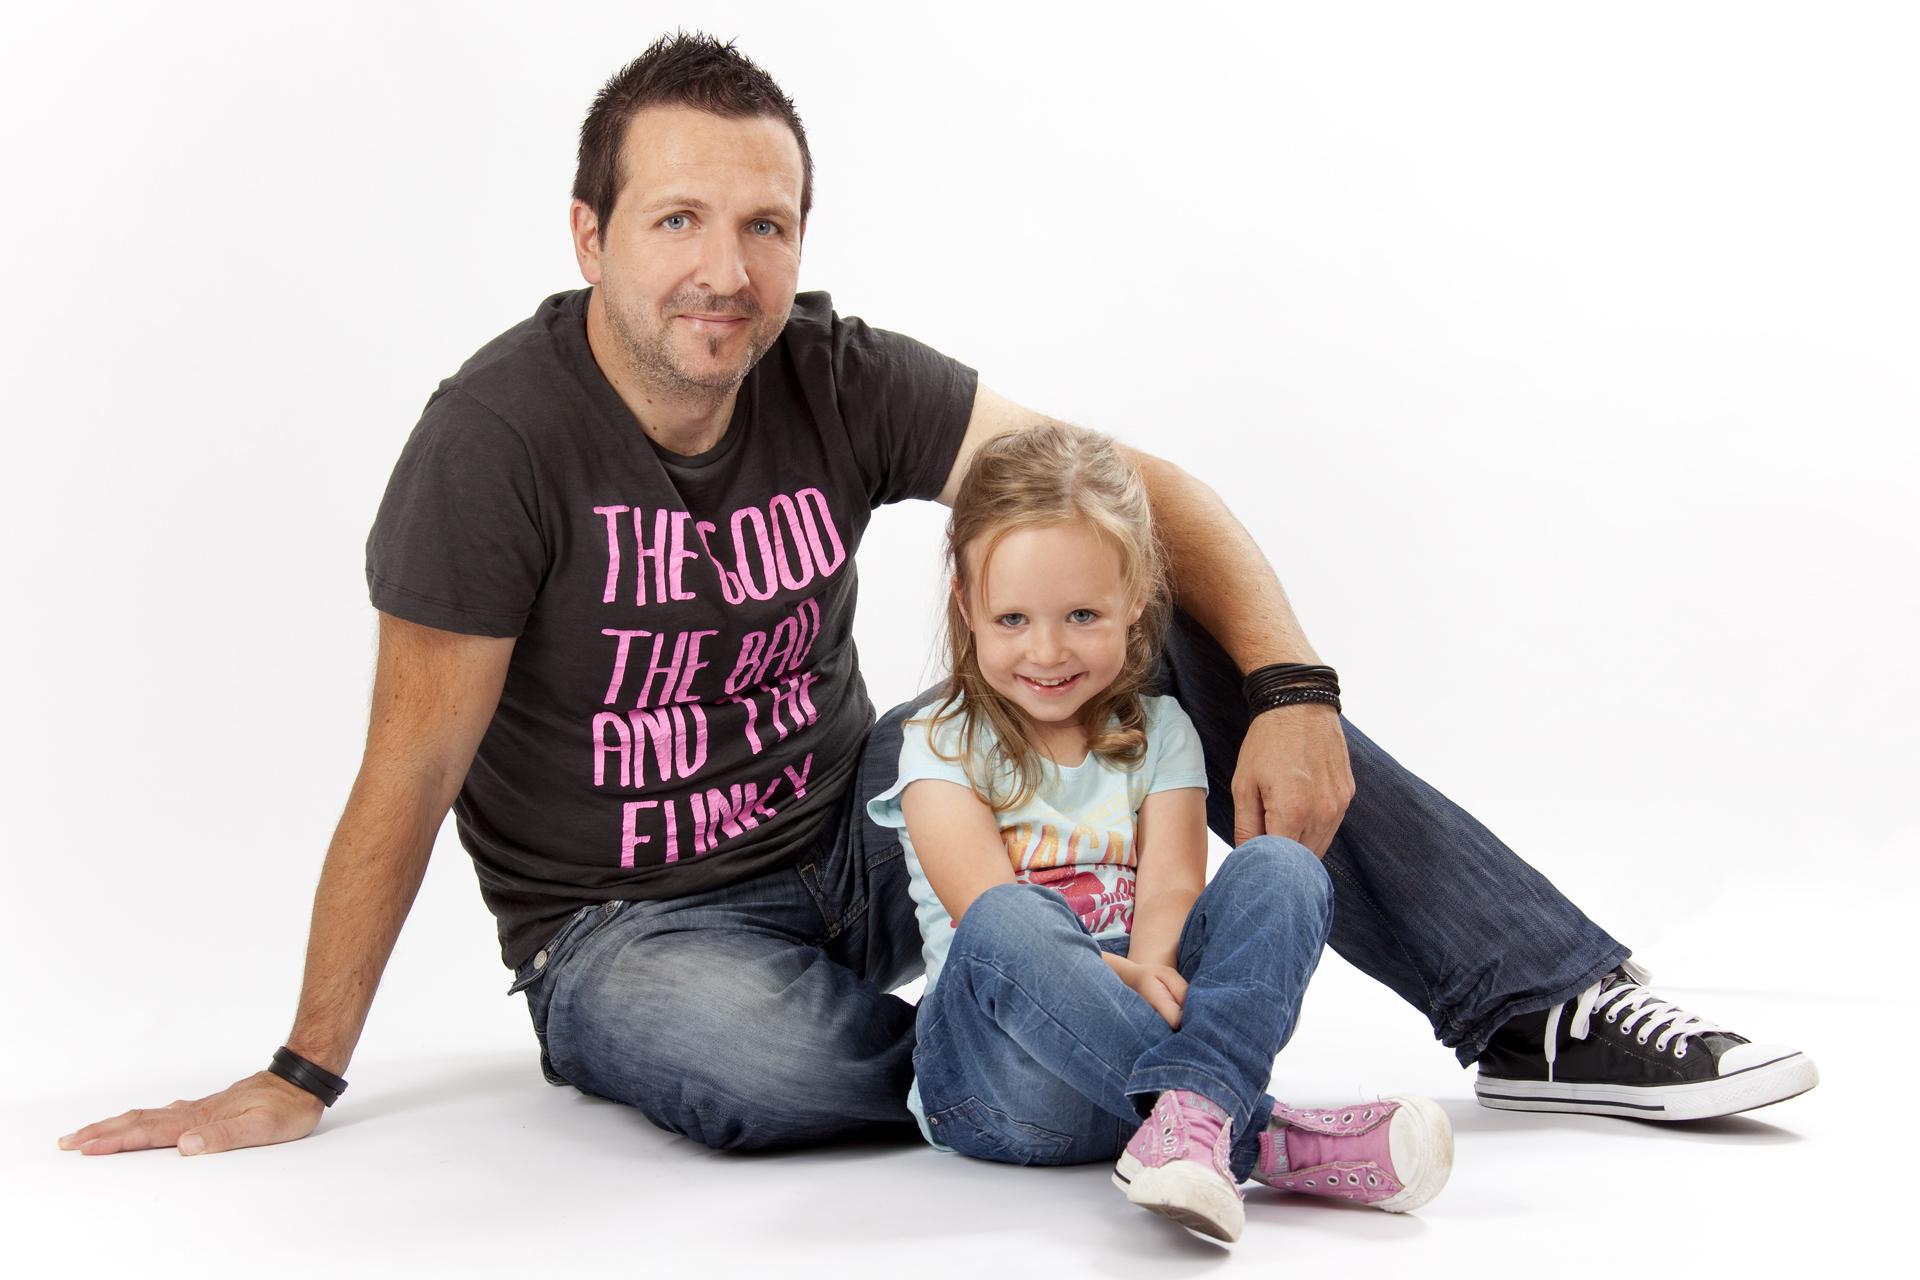 Berufsfotografin-Liesa-Flemming-Familie-04